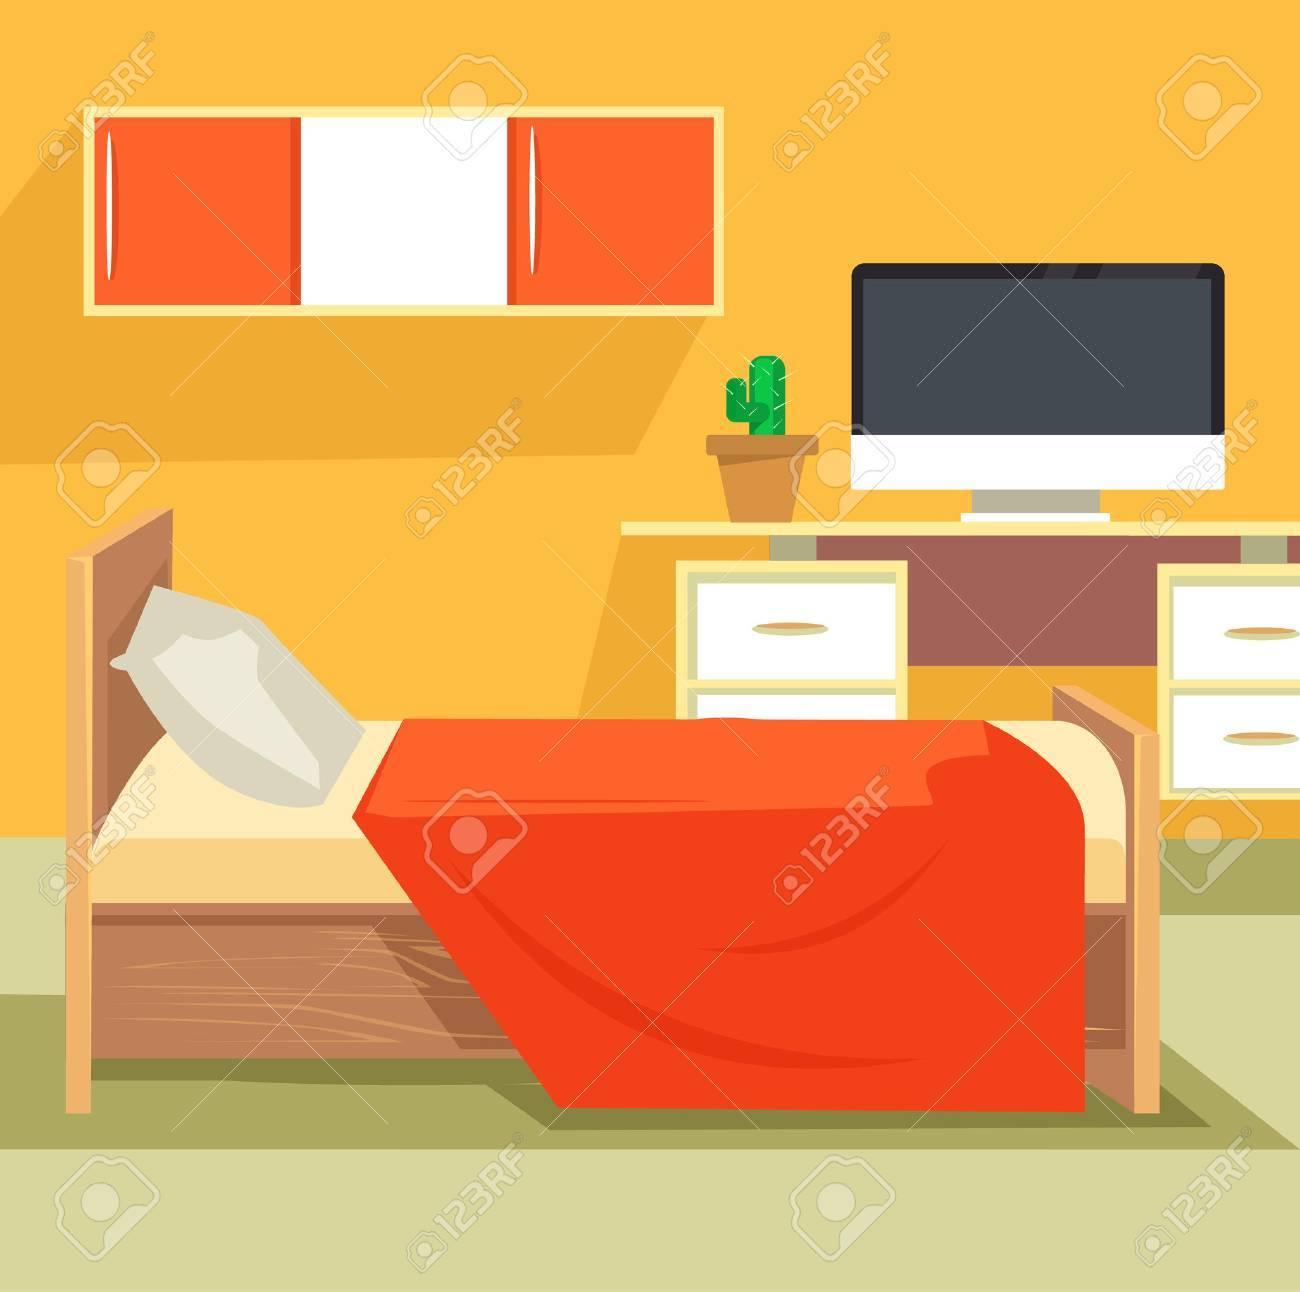 Schlafzimmer Unter. Schlafzimmer-Design. Schlafzimmermöbel. Orange ...